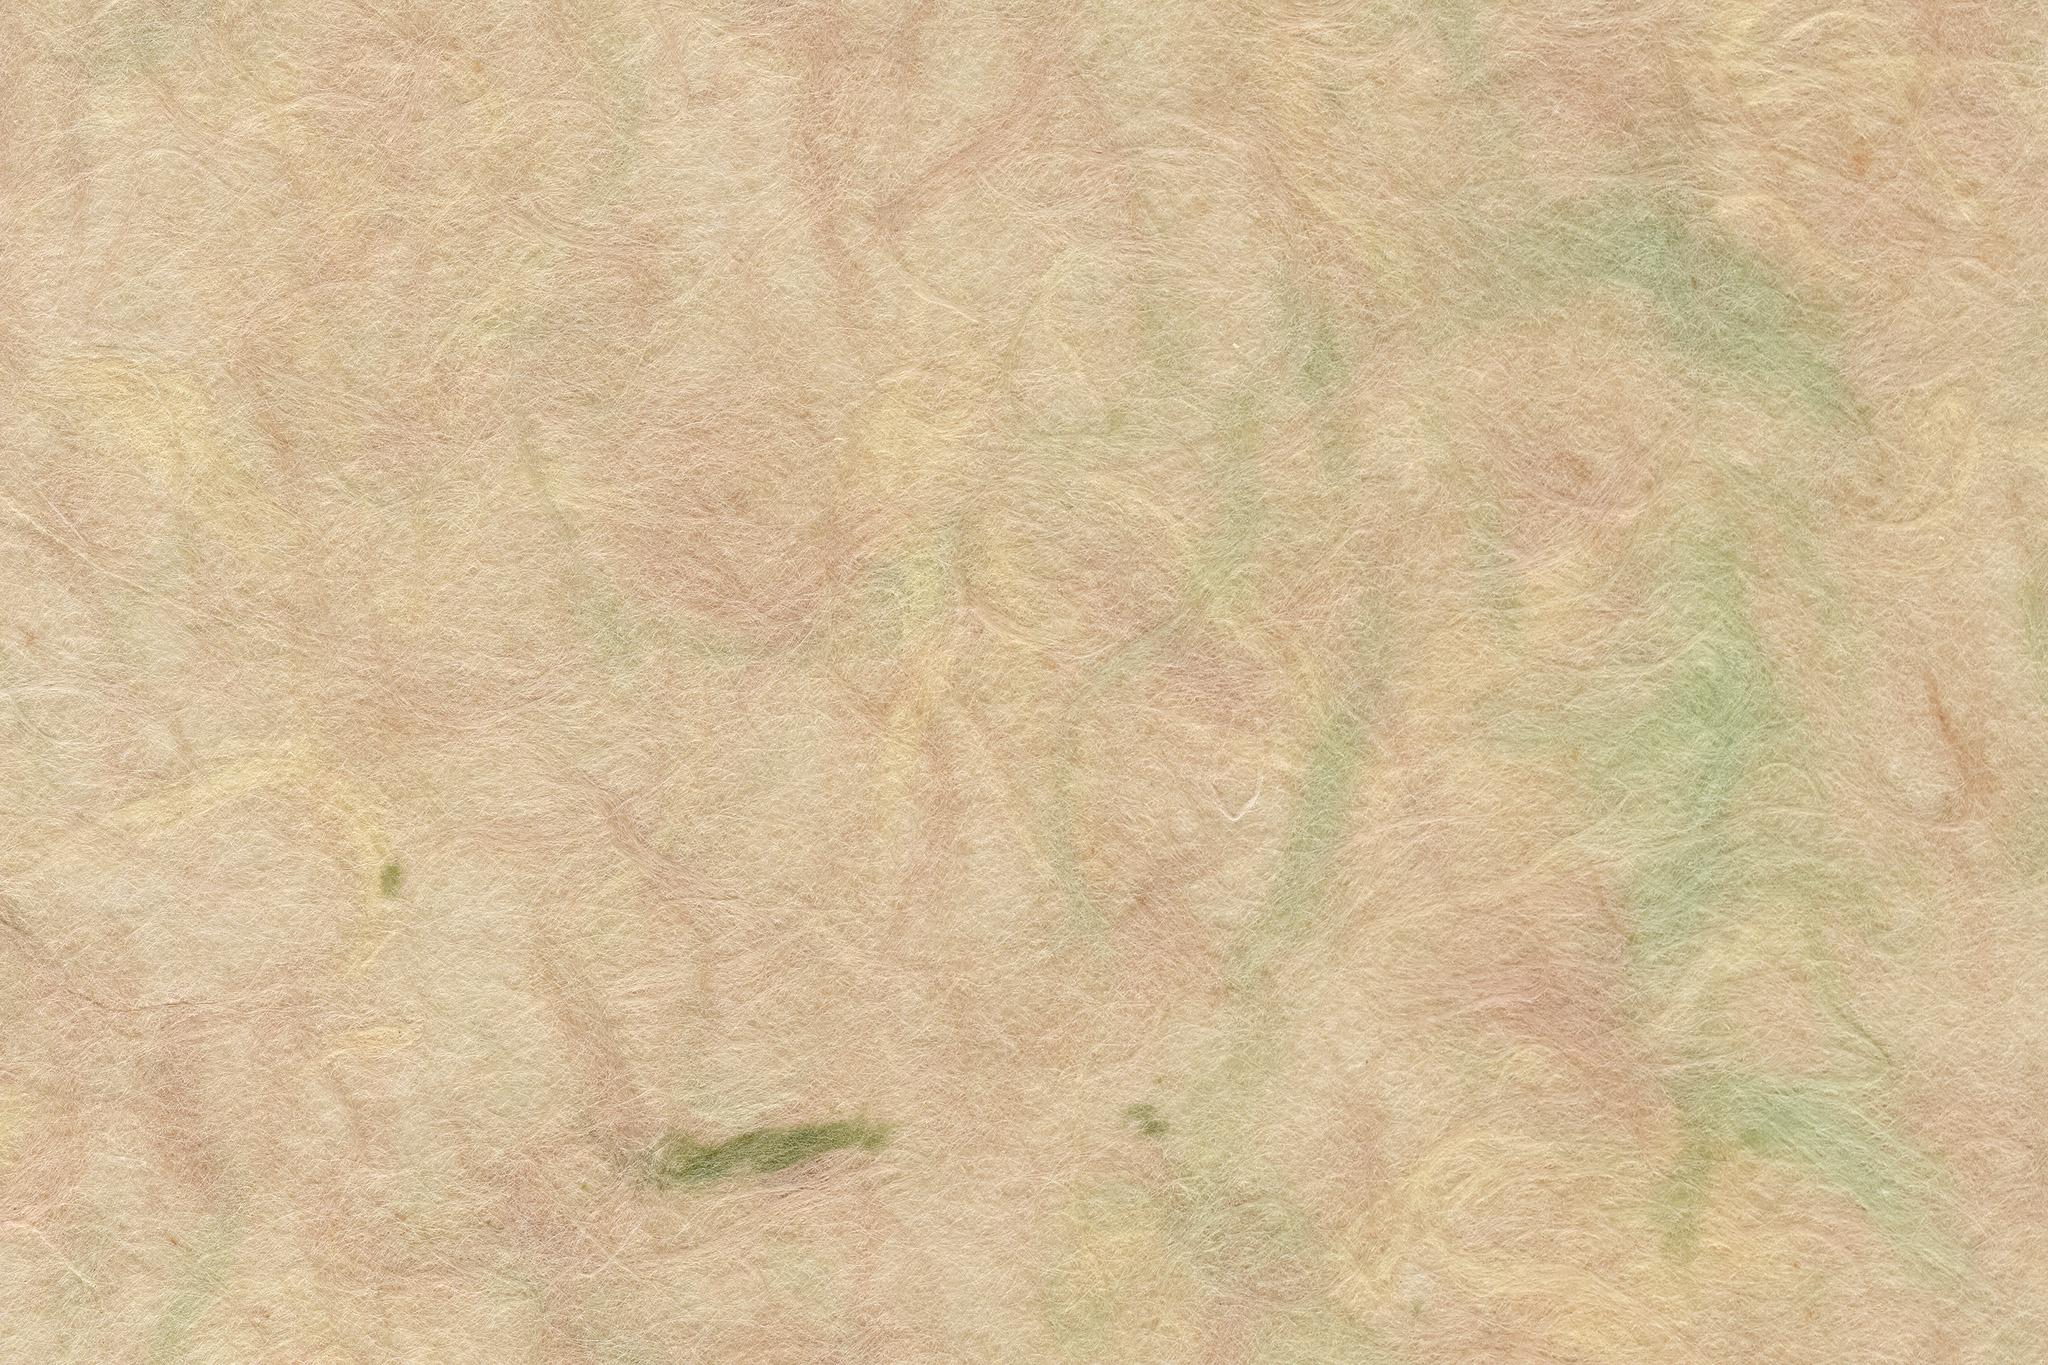 「色付き楮が透ける肌色の和紙」の背景を無料ダウンロード